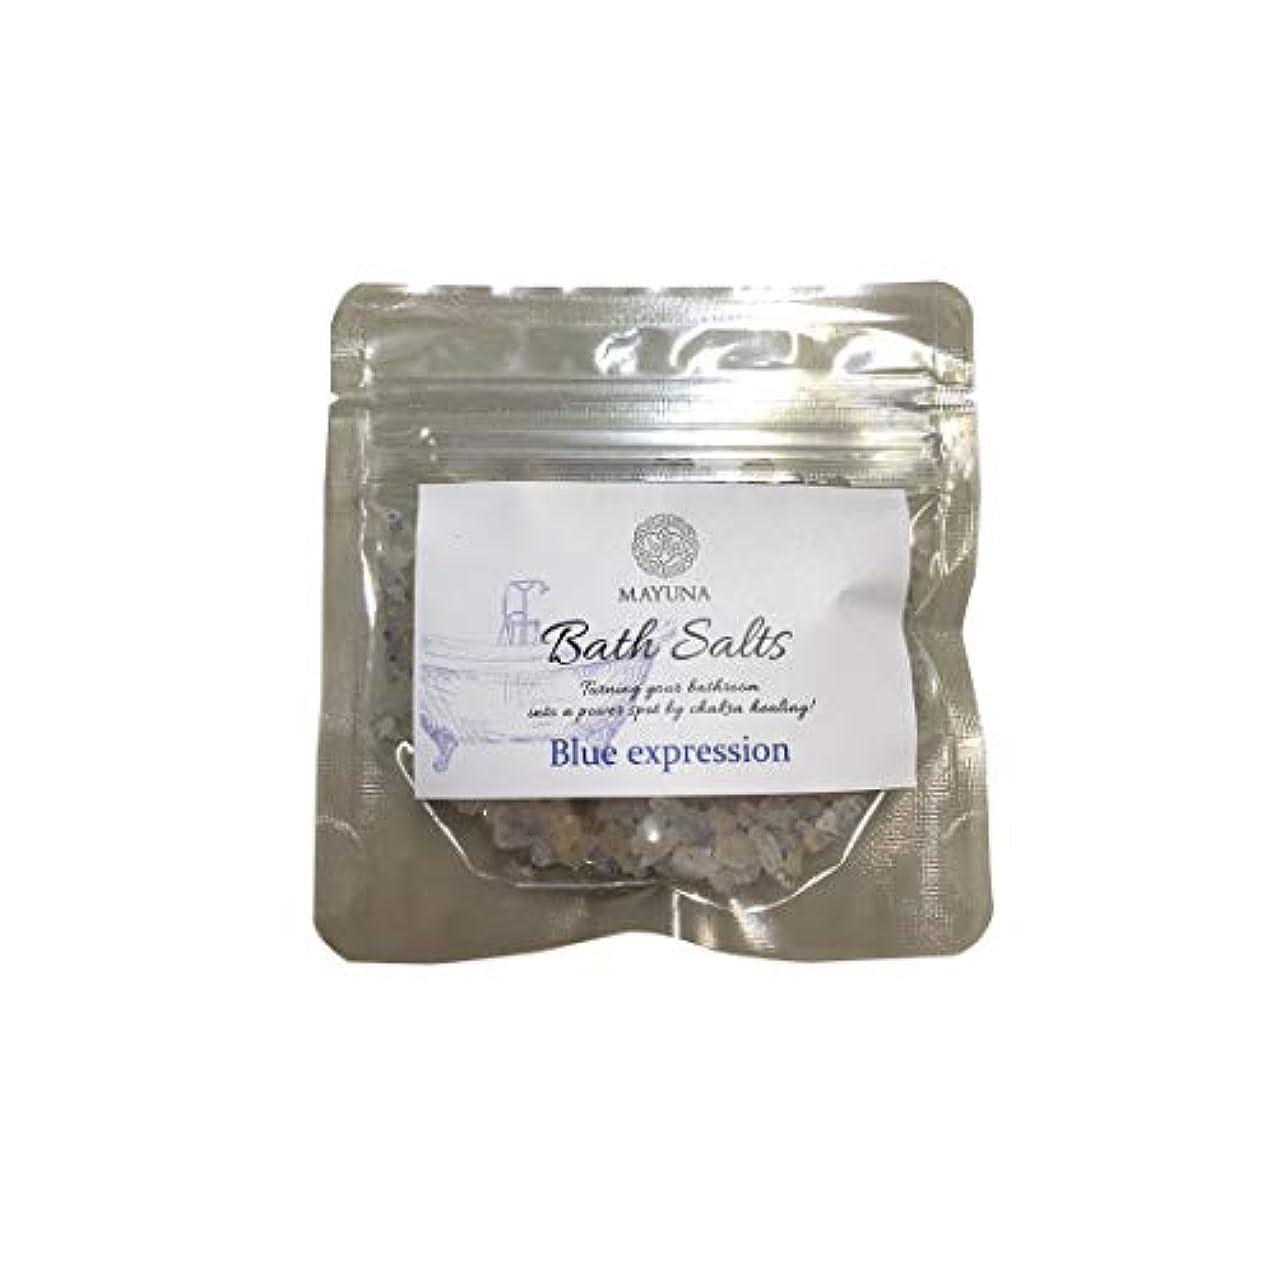 ポンペイ防水破裂Mayuna Bath Salts マユナバスソルト クリスタルフォーチュン 50g (ブルーエクスプレッション)